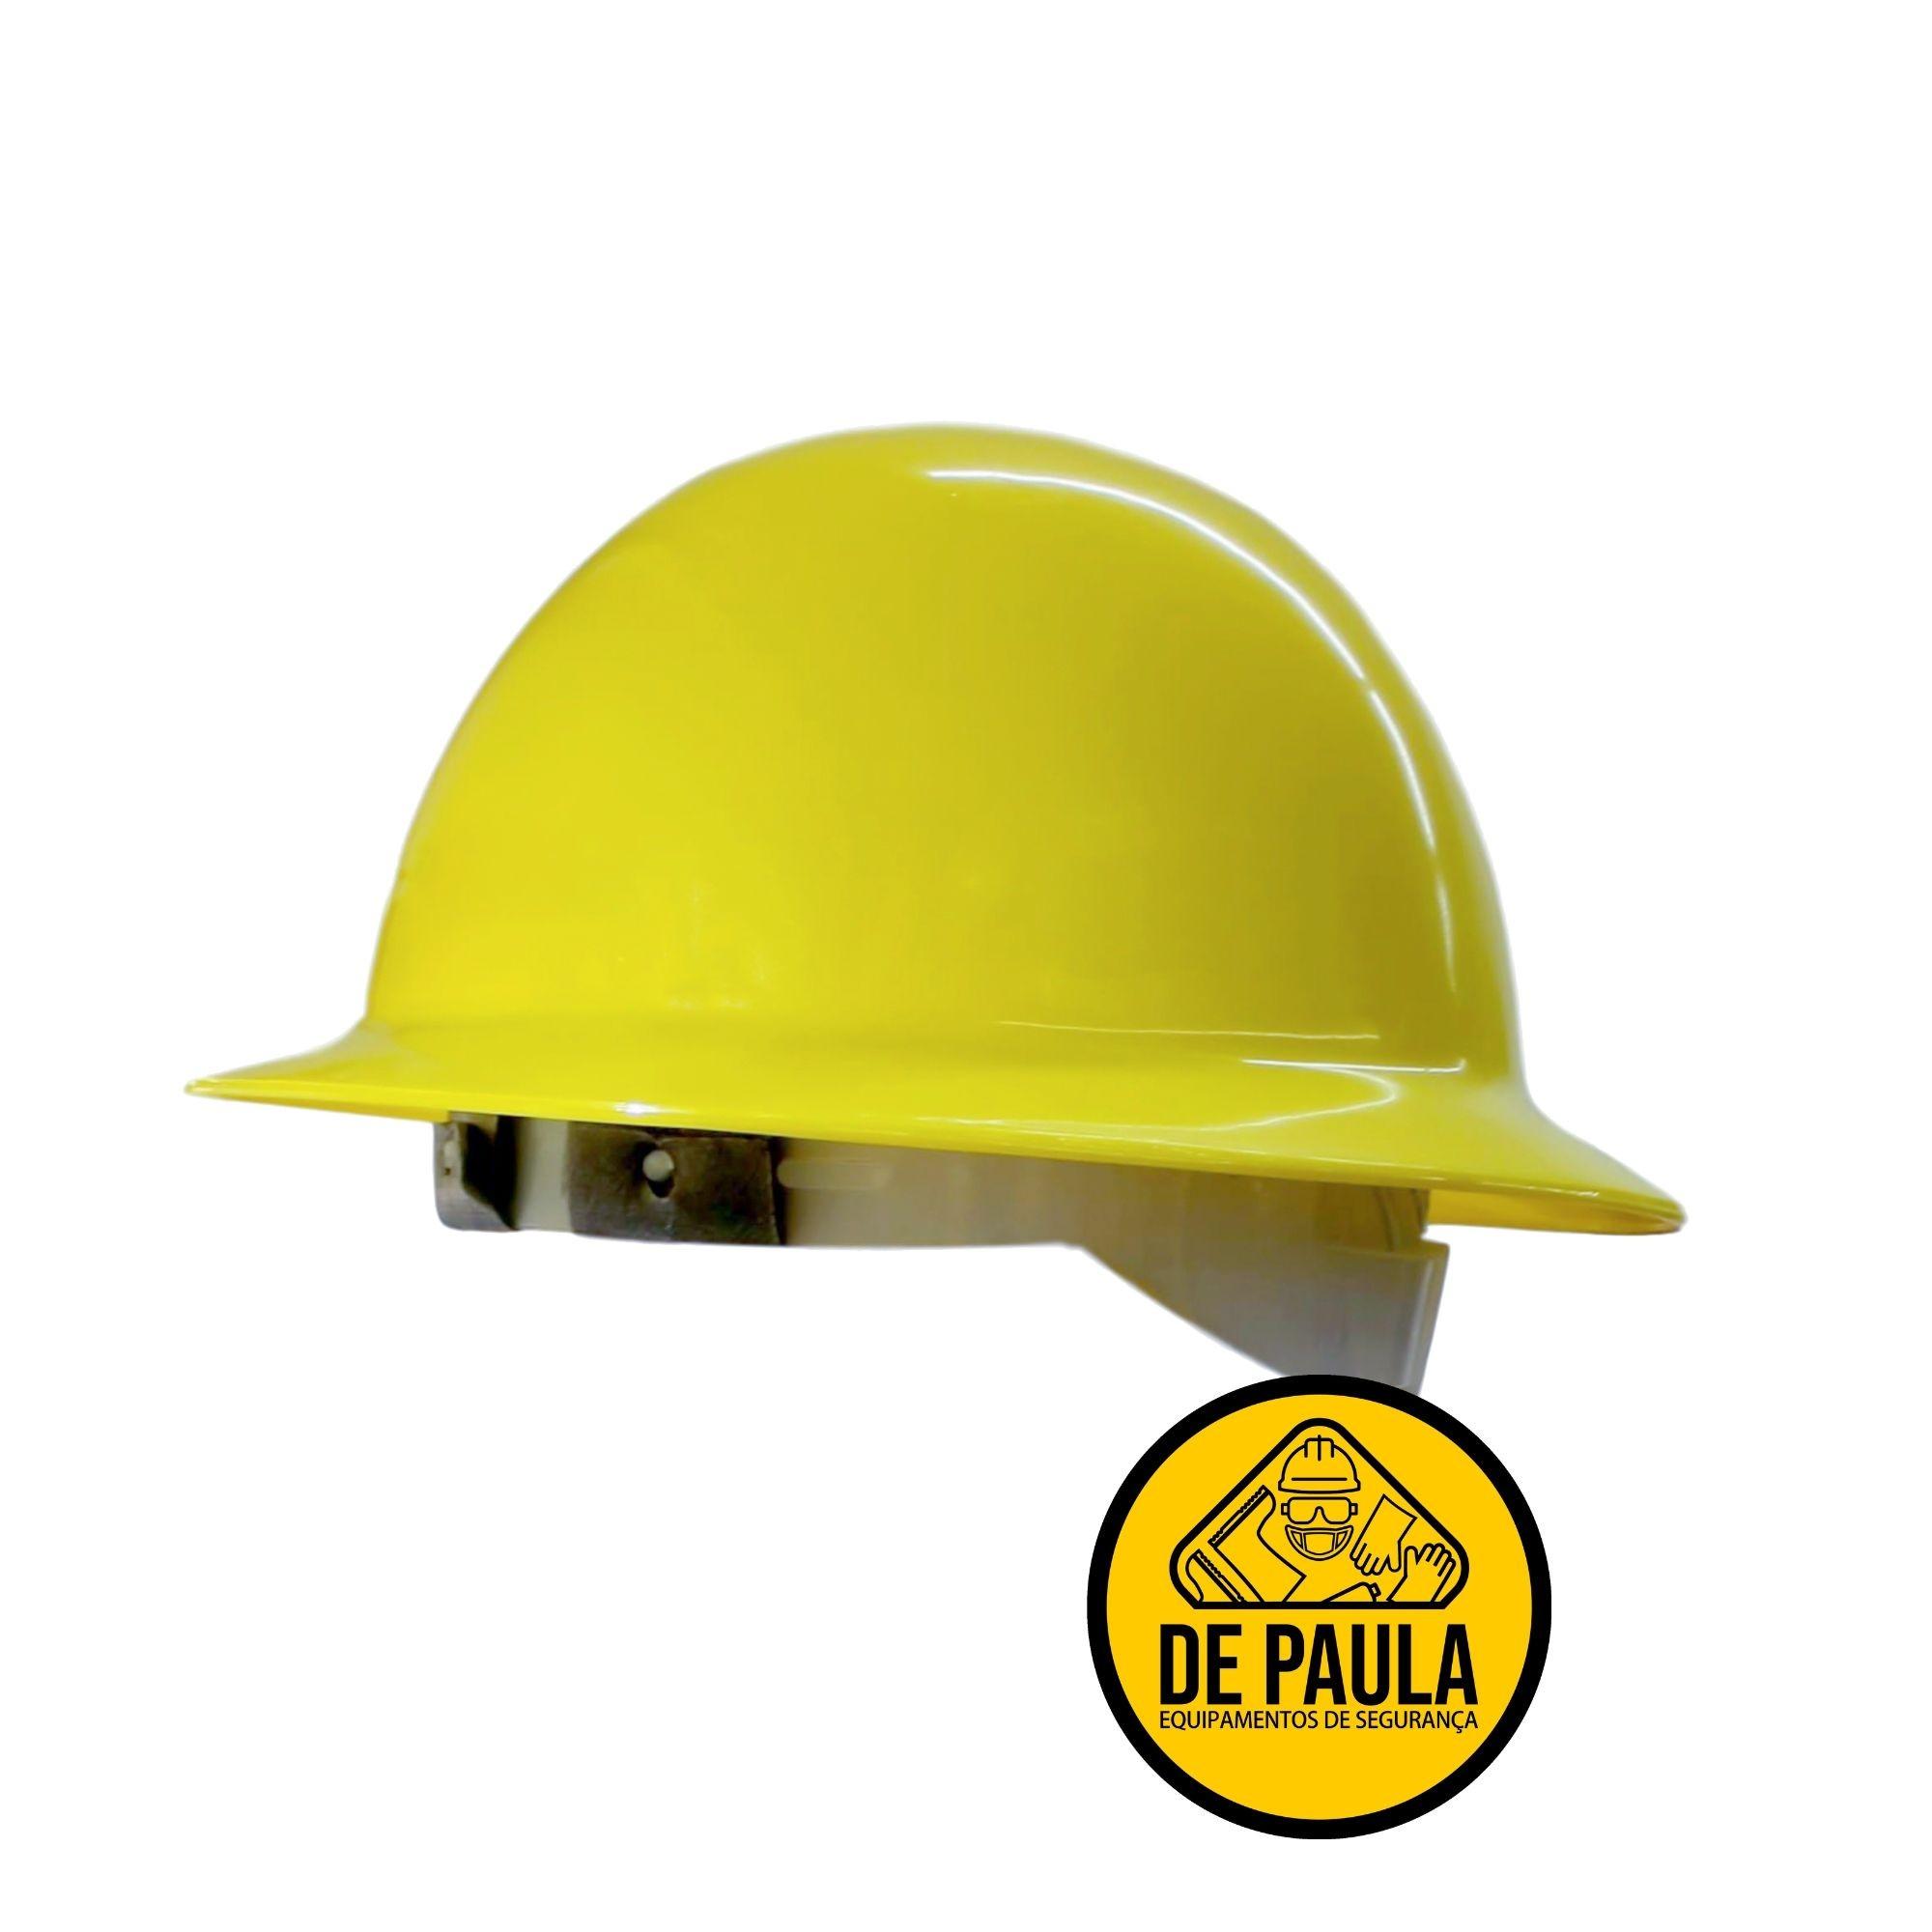 Capacete Aba Total Classe B  Eletricista Várias Cores com jugular -  C.A. 25883  - DE PAULA EPI